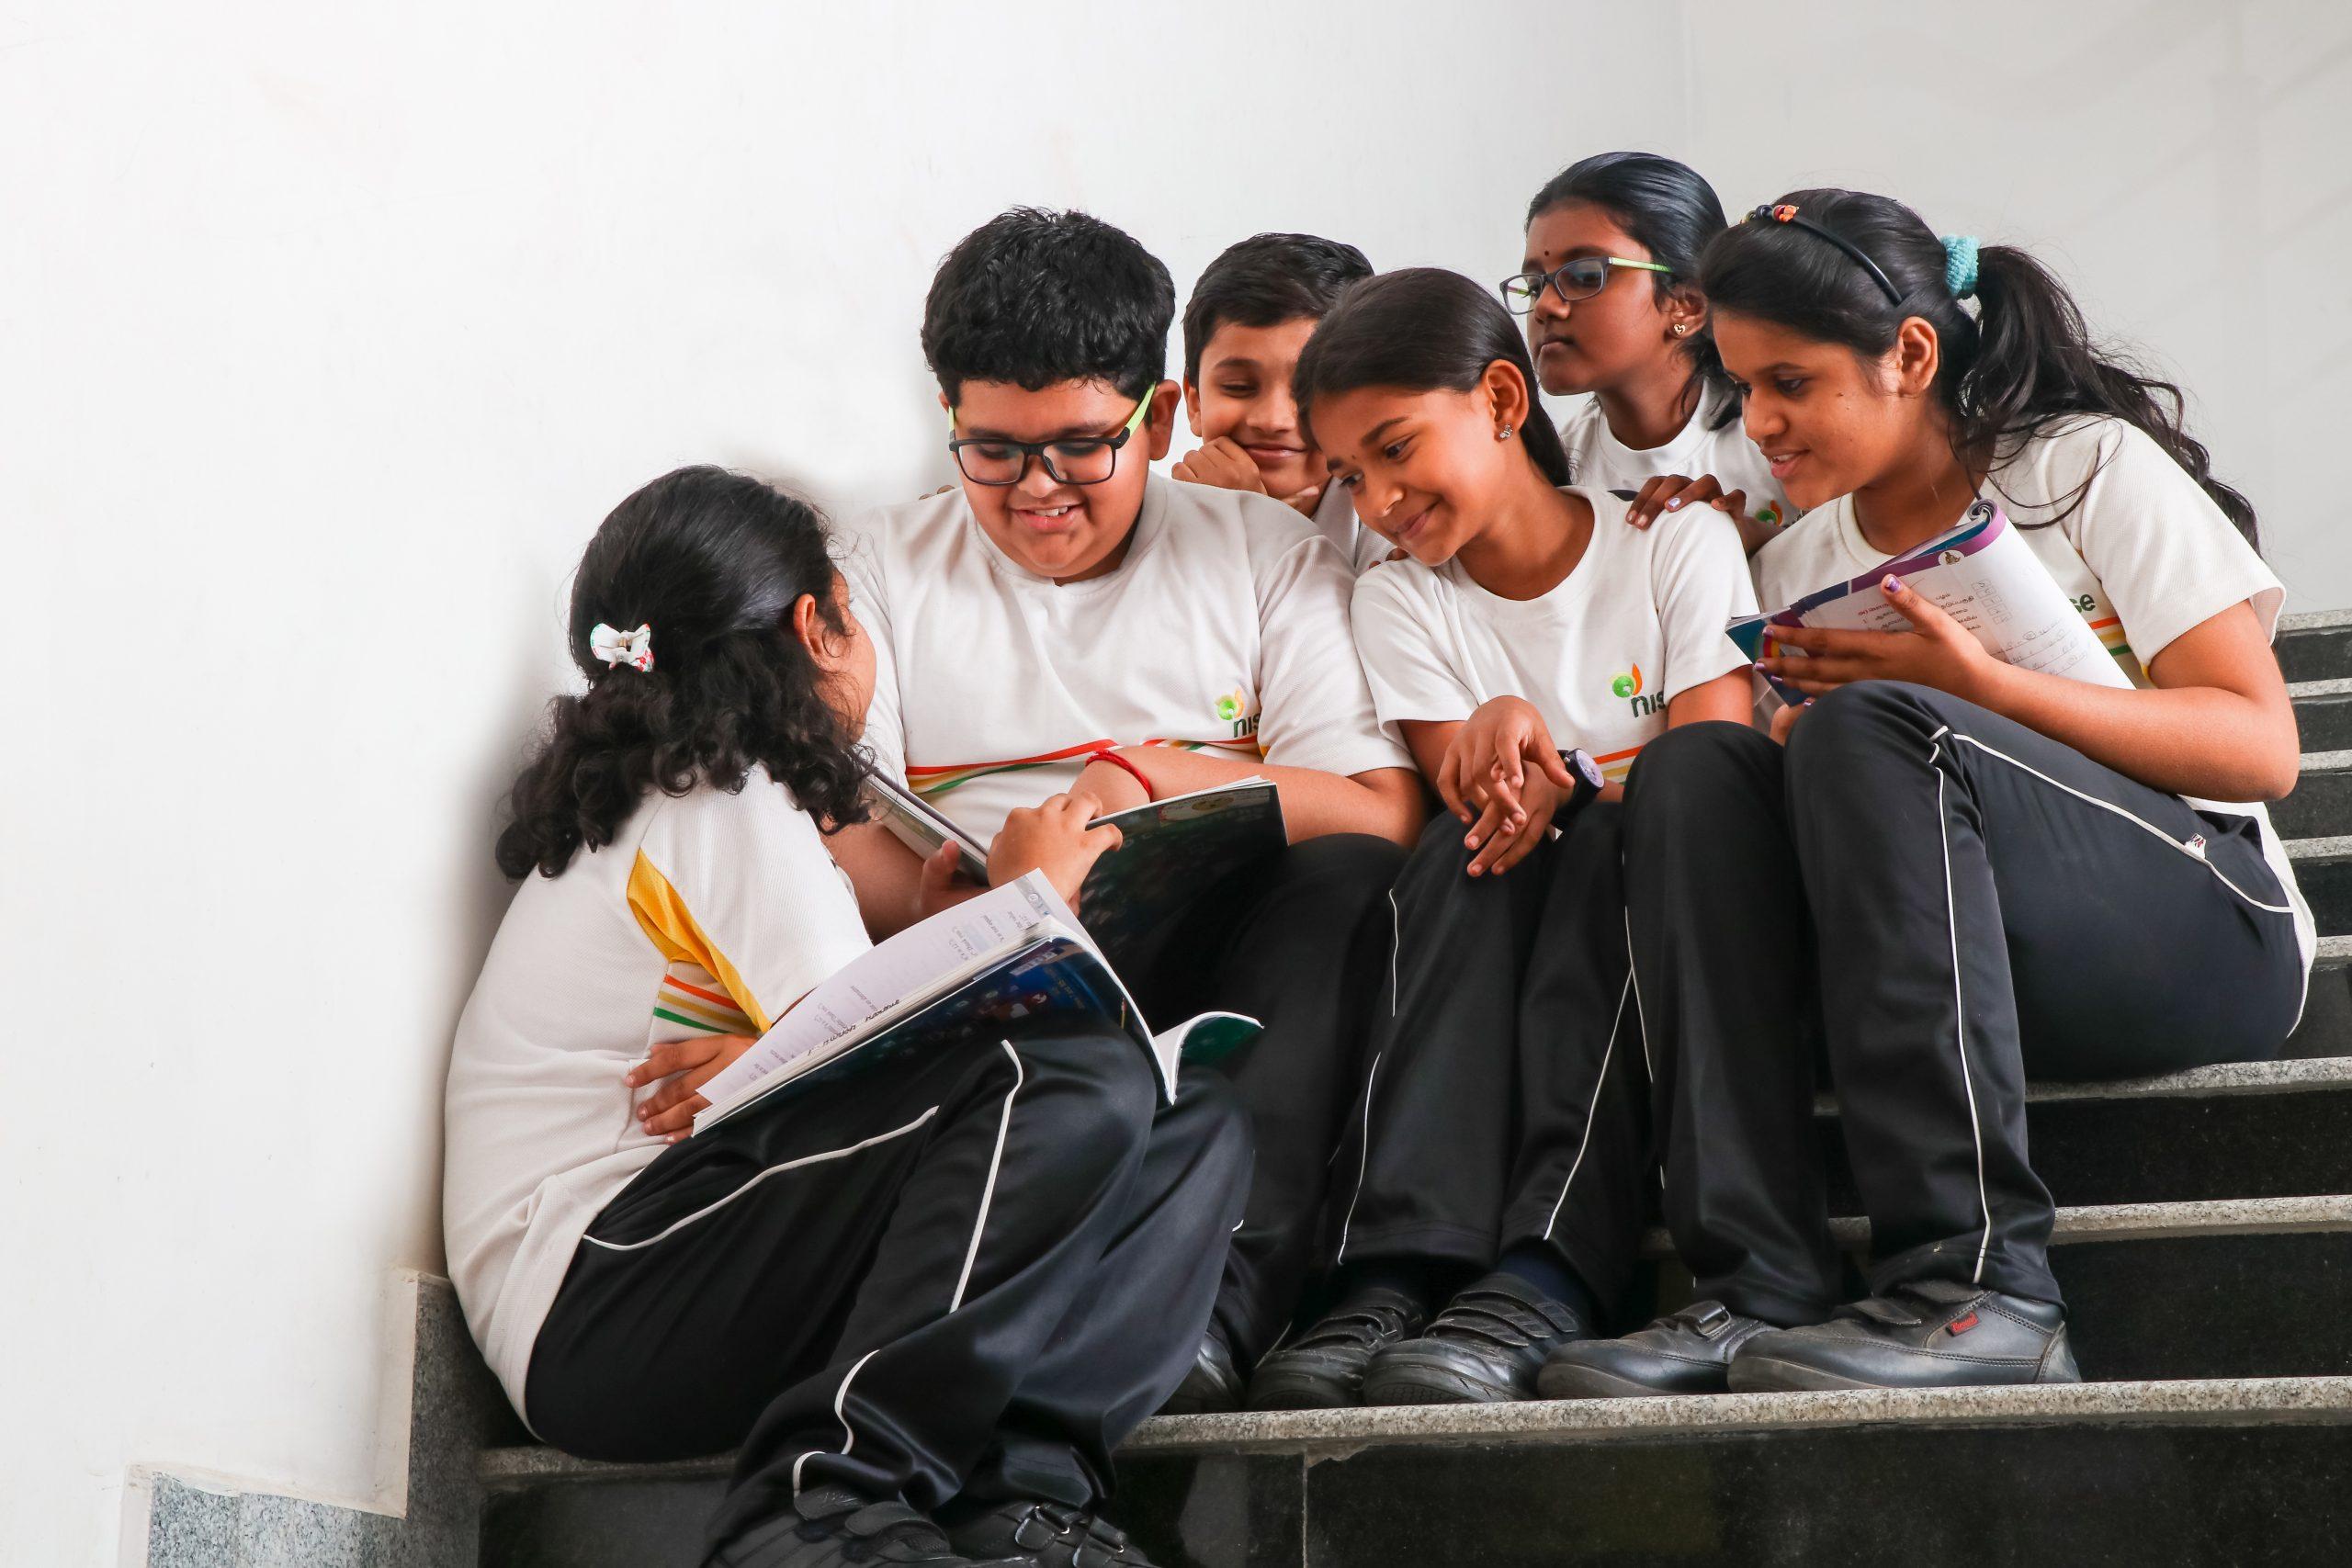 ICSE schools in Coimbatore